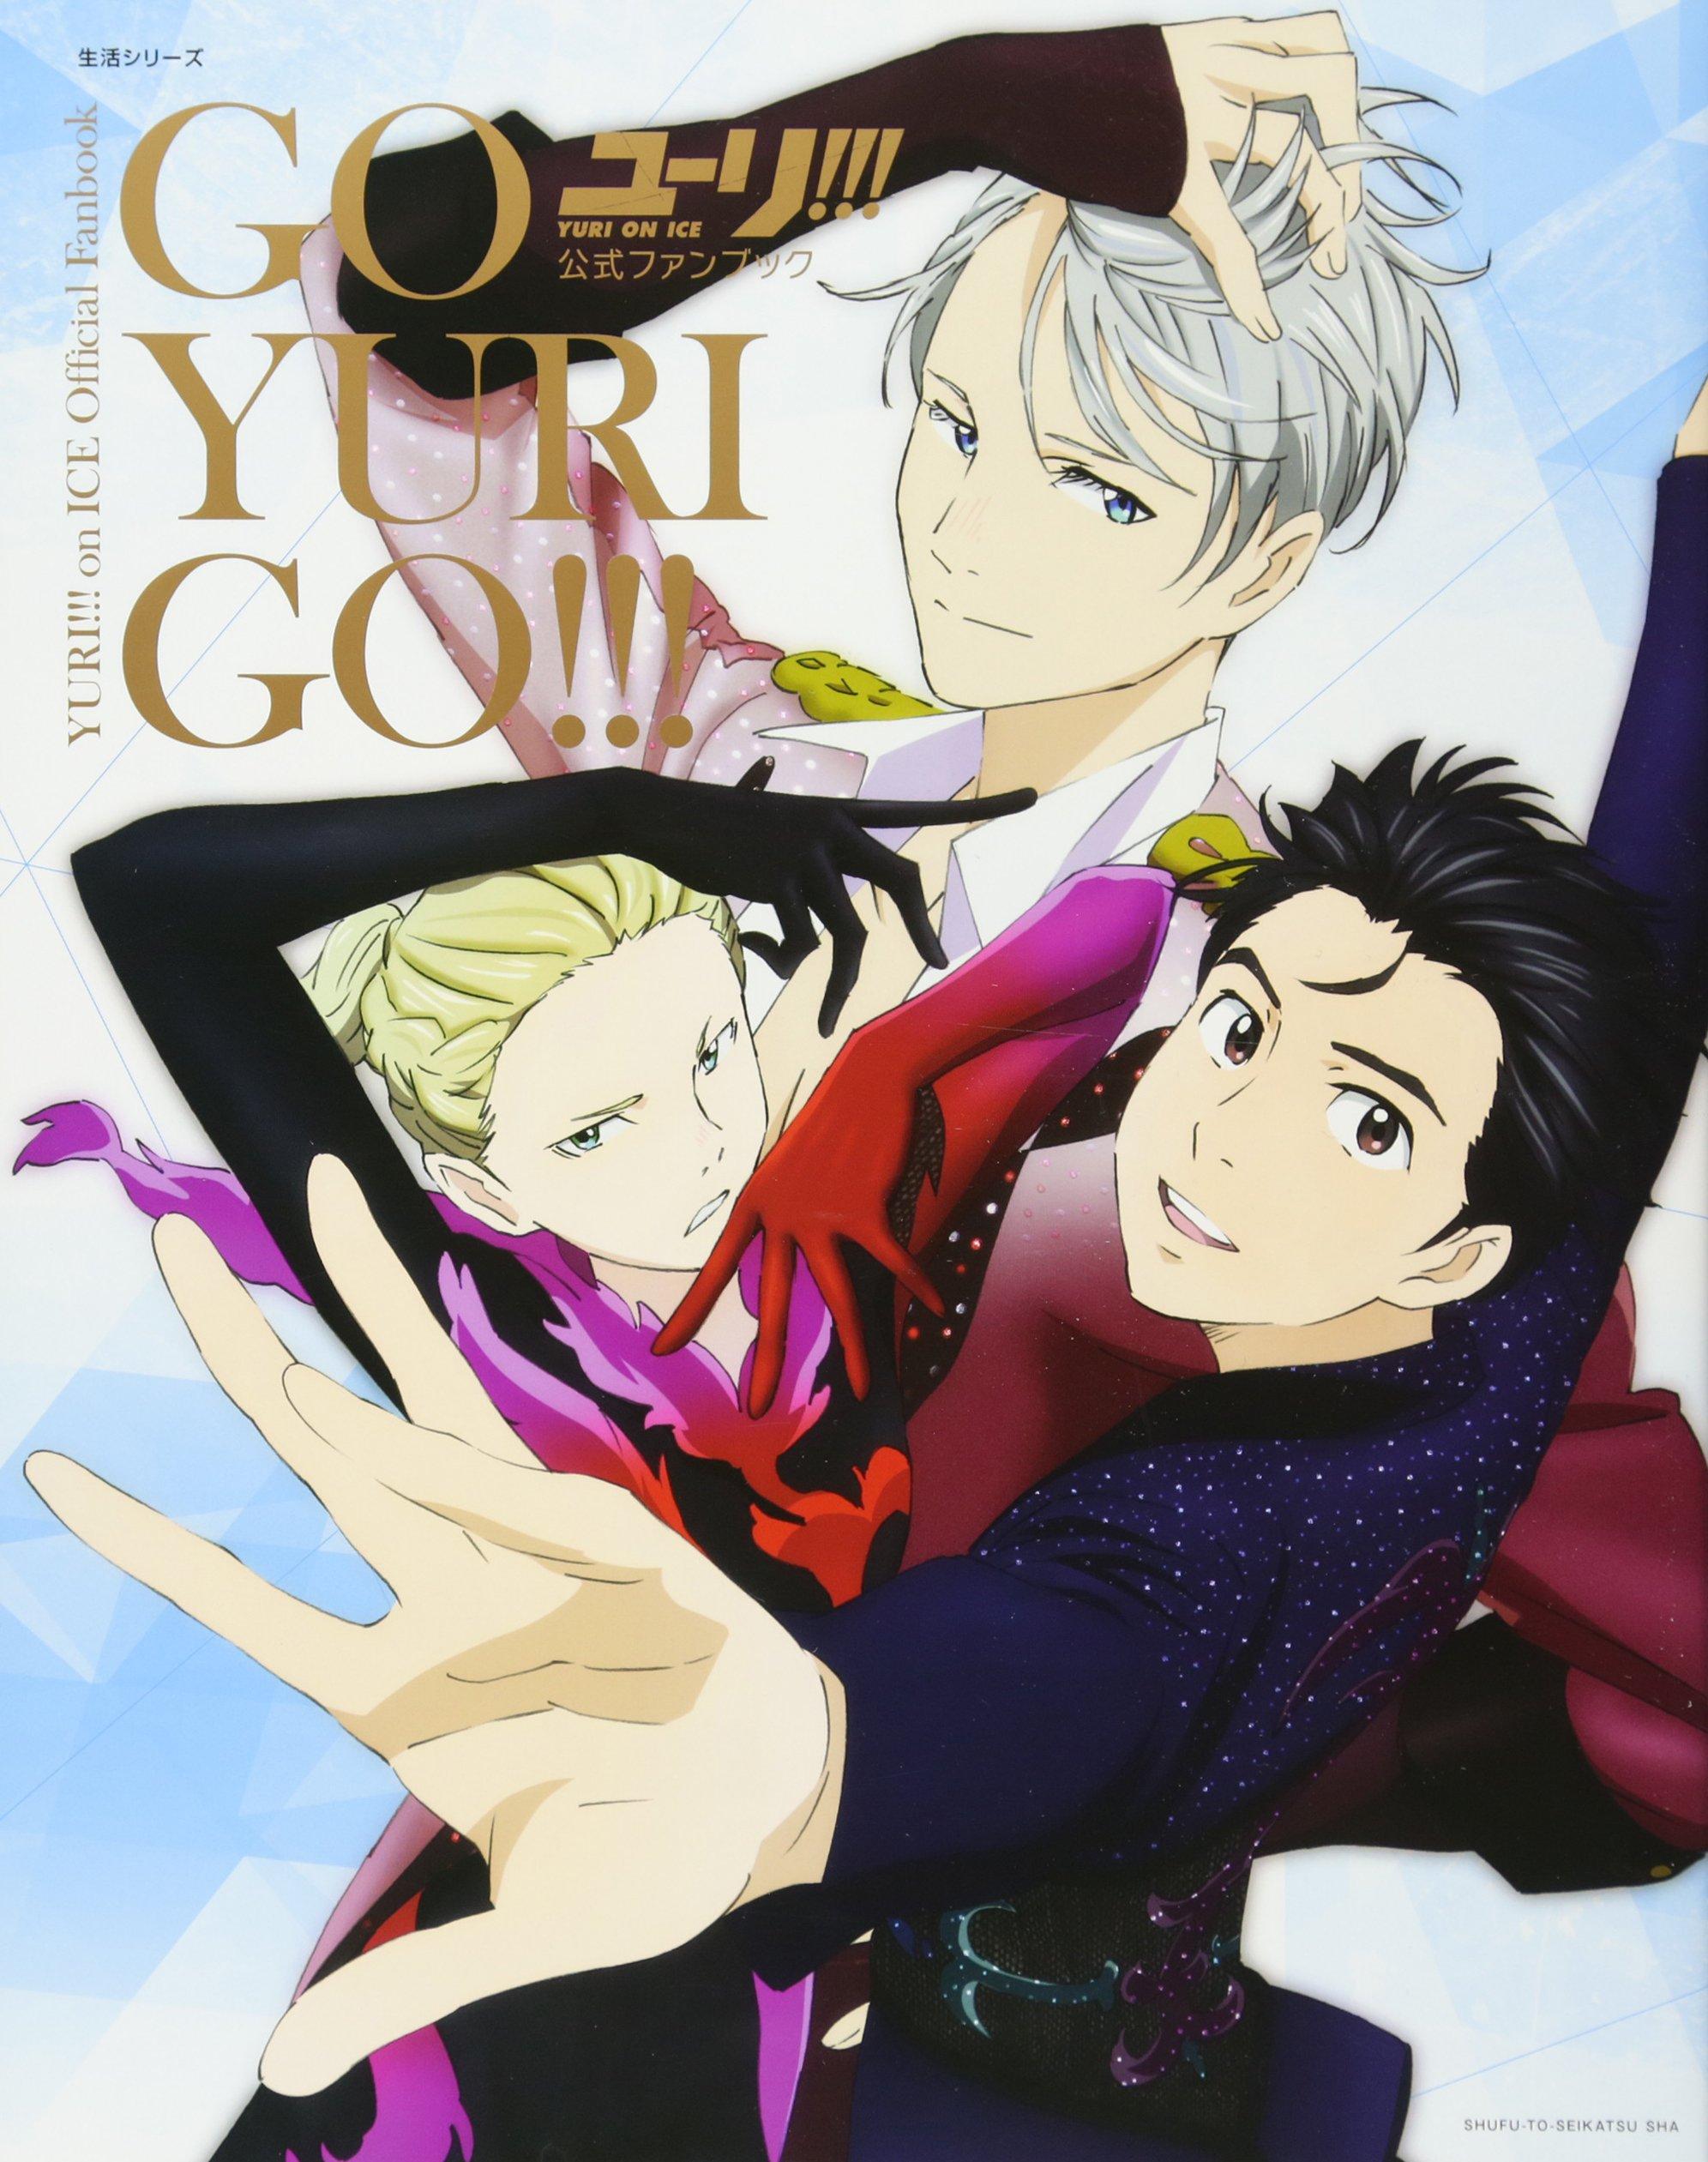 ユーリ on ice 公式ファンブック go yuri go 生活シリーズ